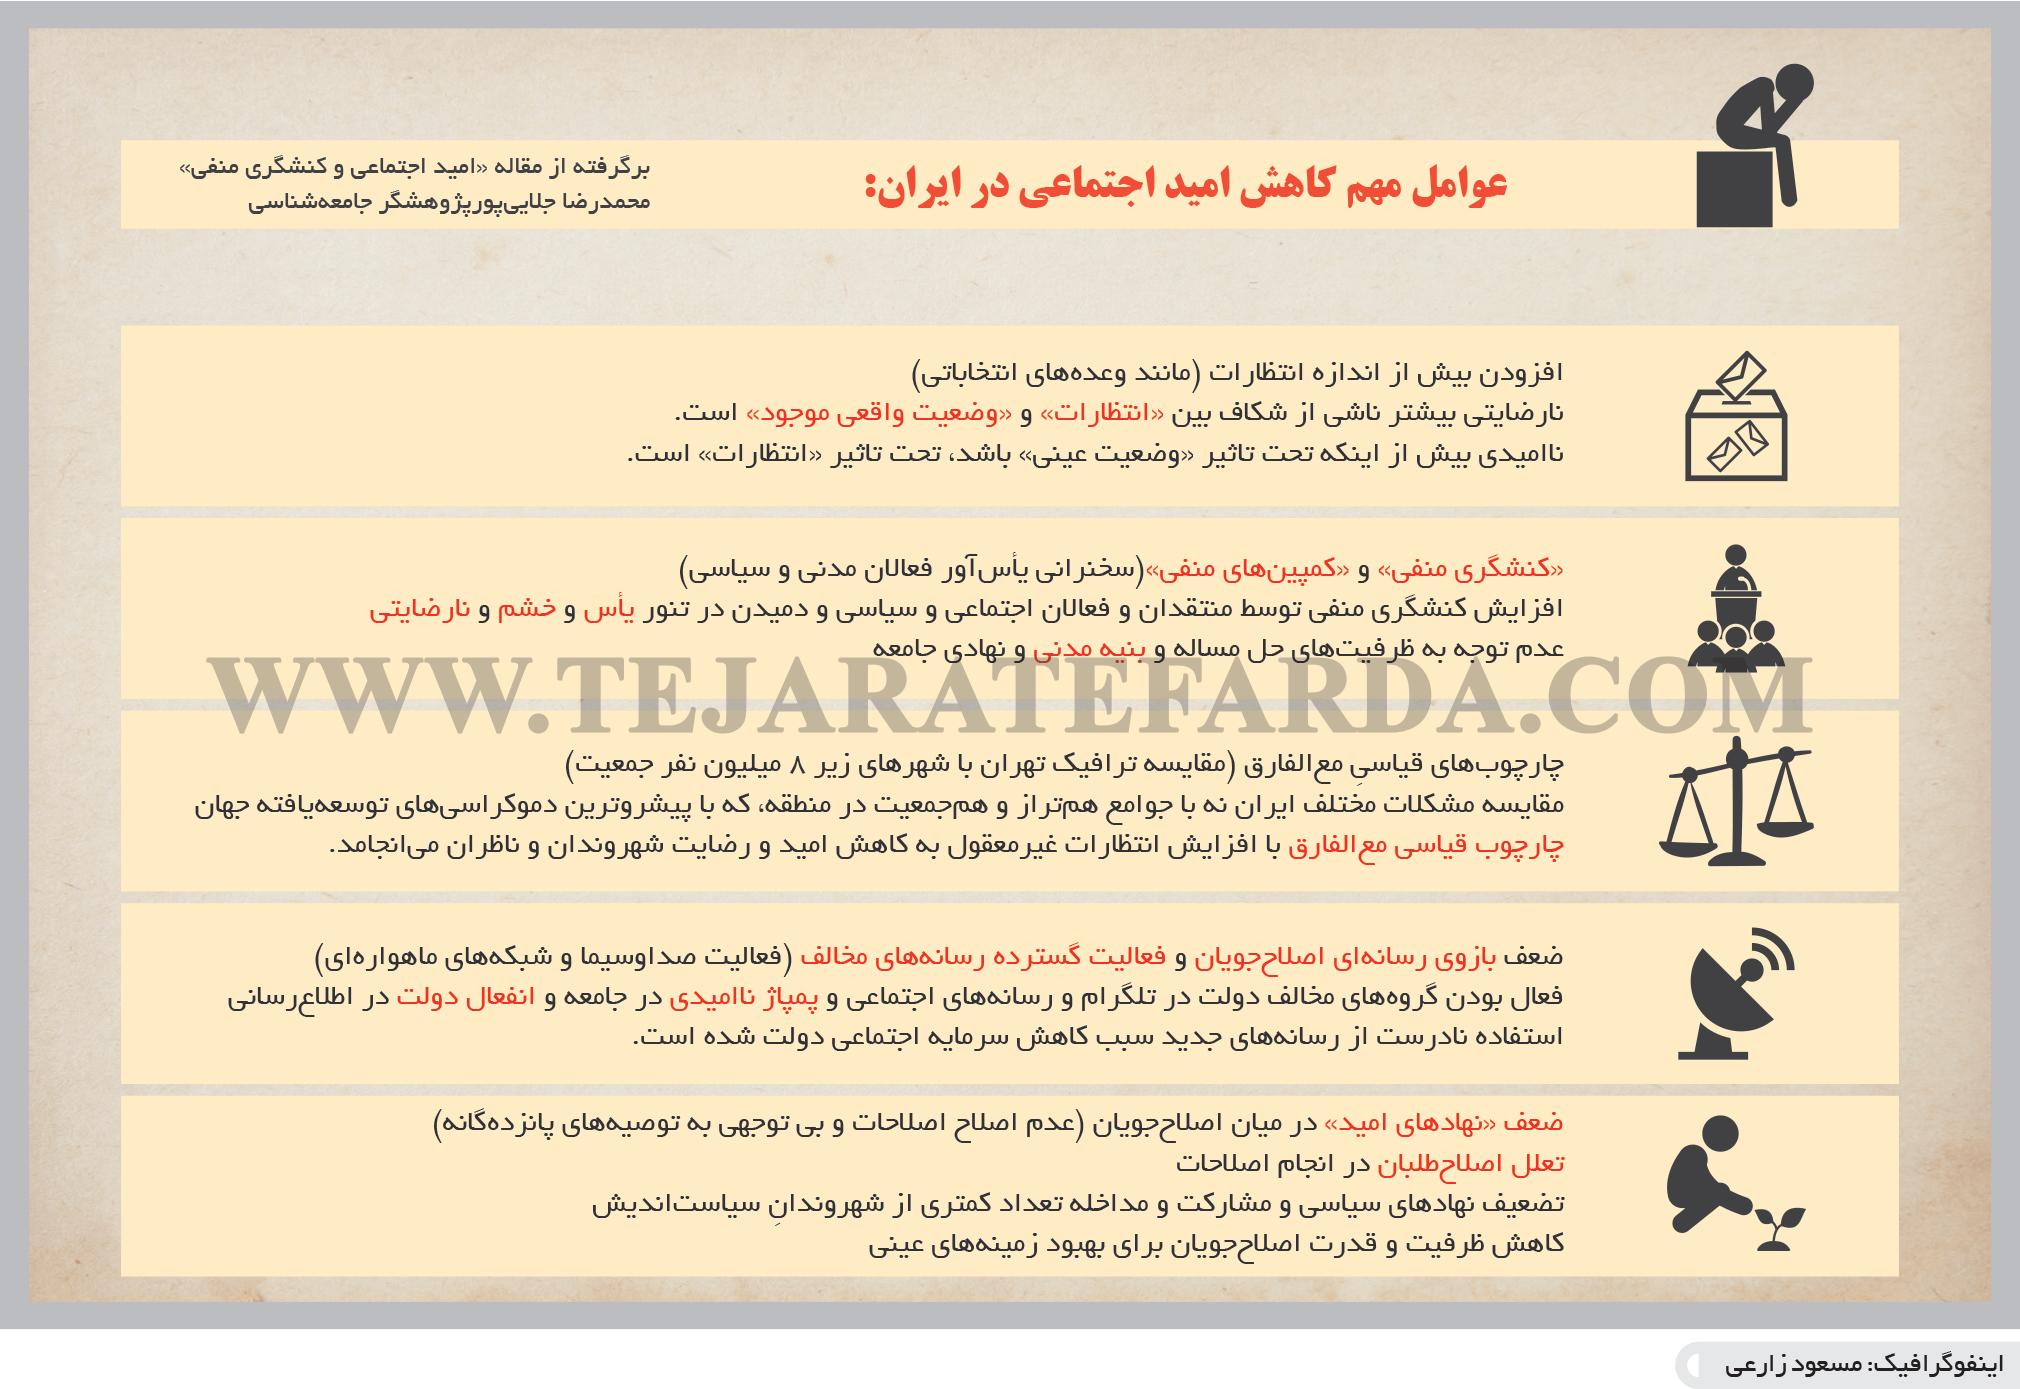 تجارت فردا- اینفوگرافیک- عوامل مهم کاهش امید اجتماعی در ایران: